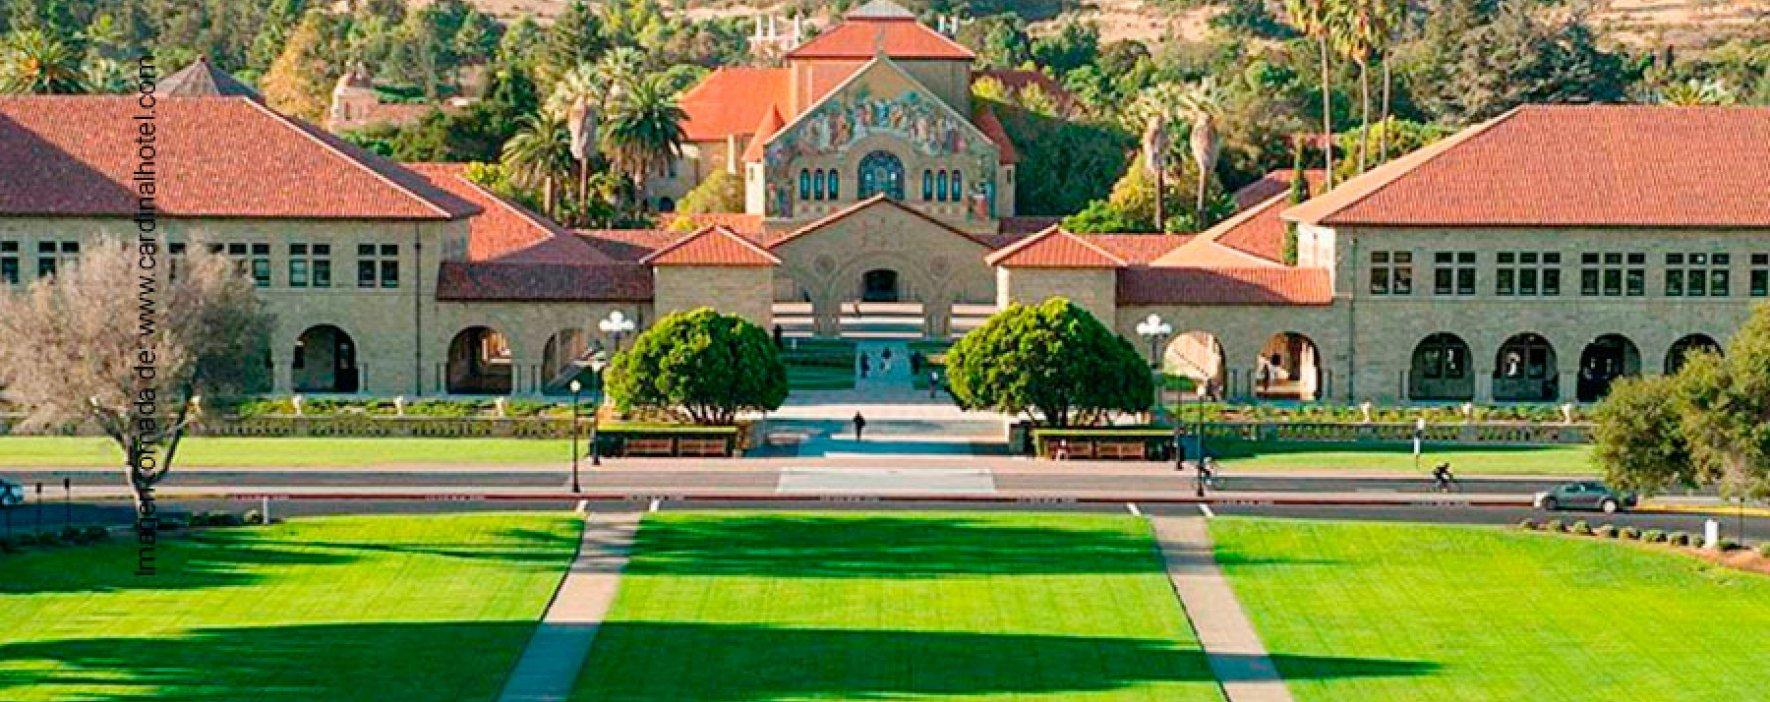 Mejores universidades de USA